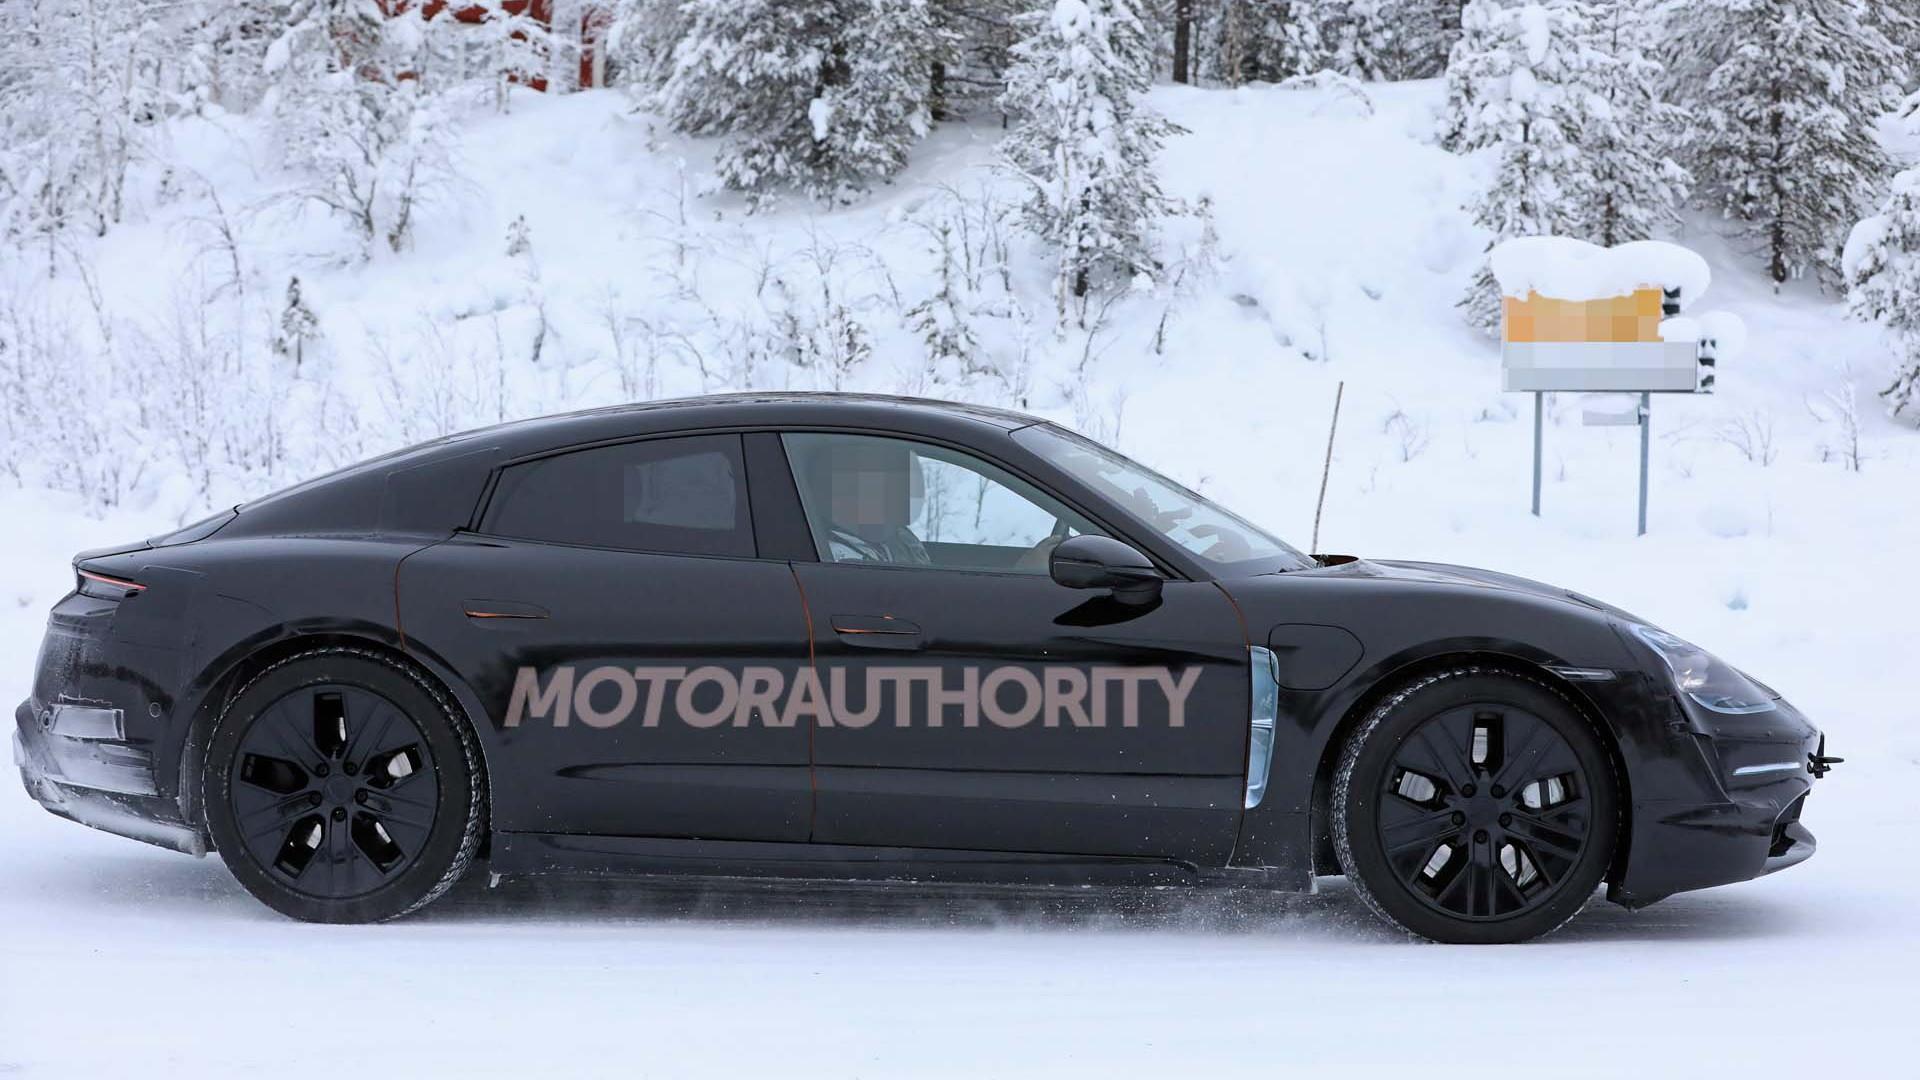 2020 Porsche Taycan spy shots